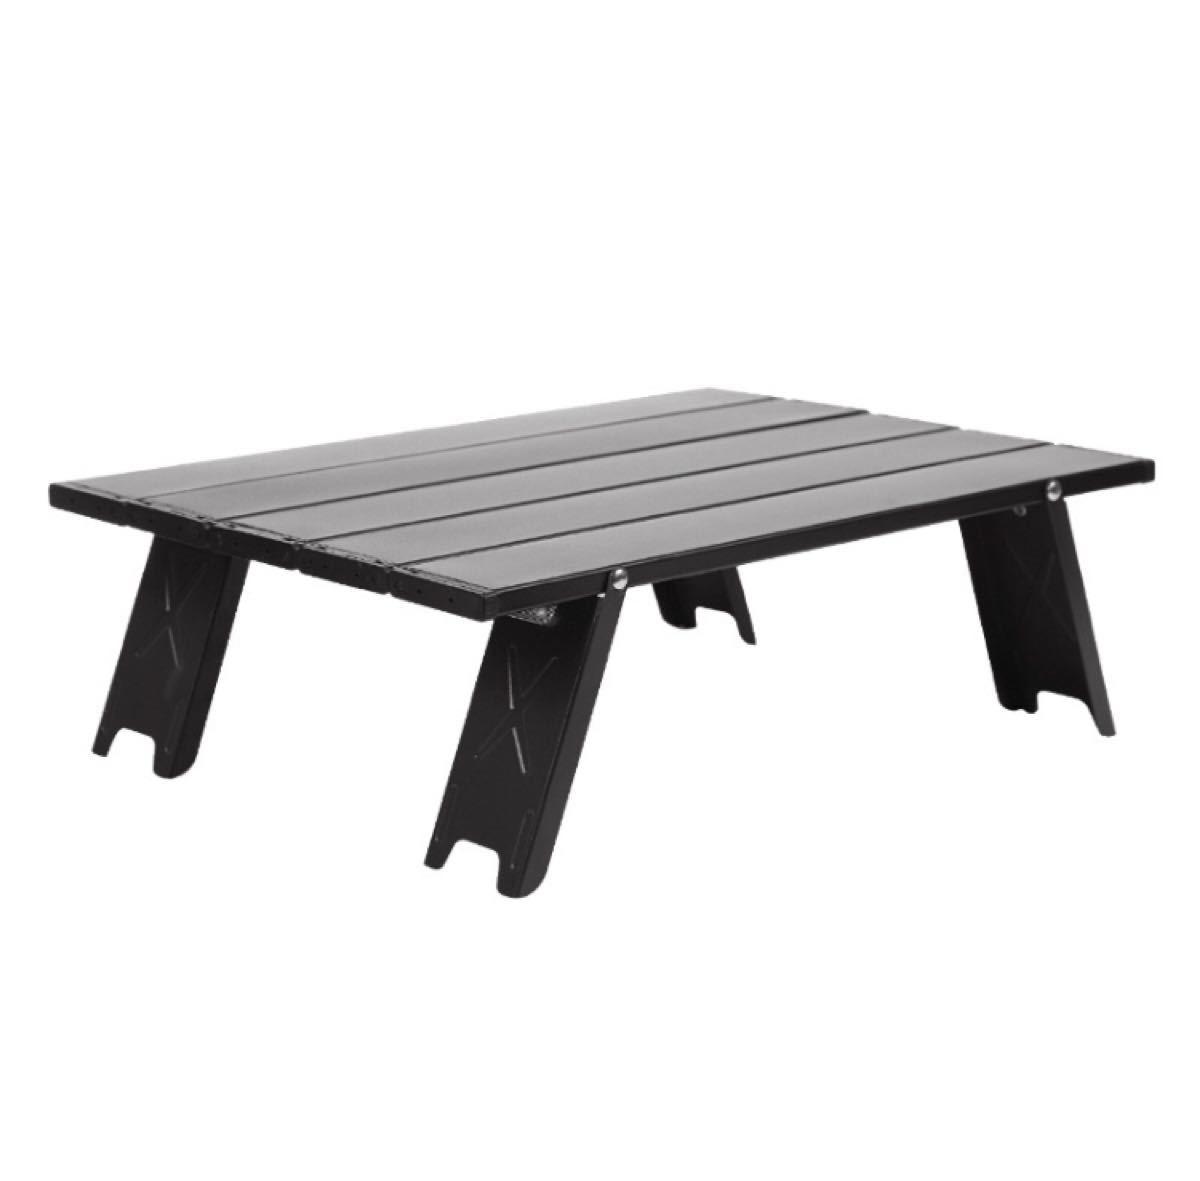 アルミロールテーブル  折り畳みテーブル アウトドアテーブル 専用ショルダー収納袋付き ブラック